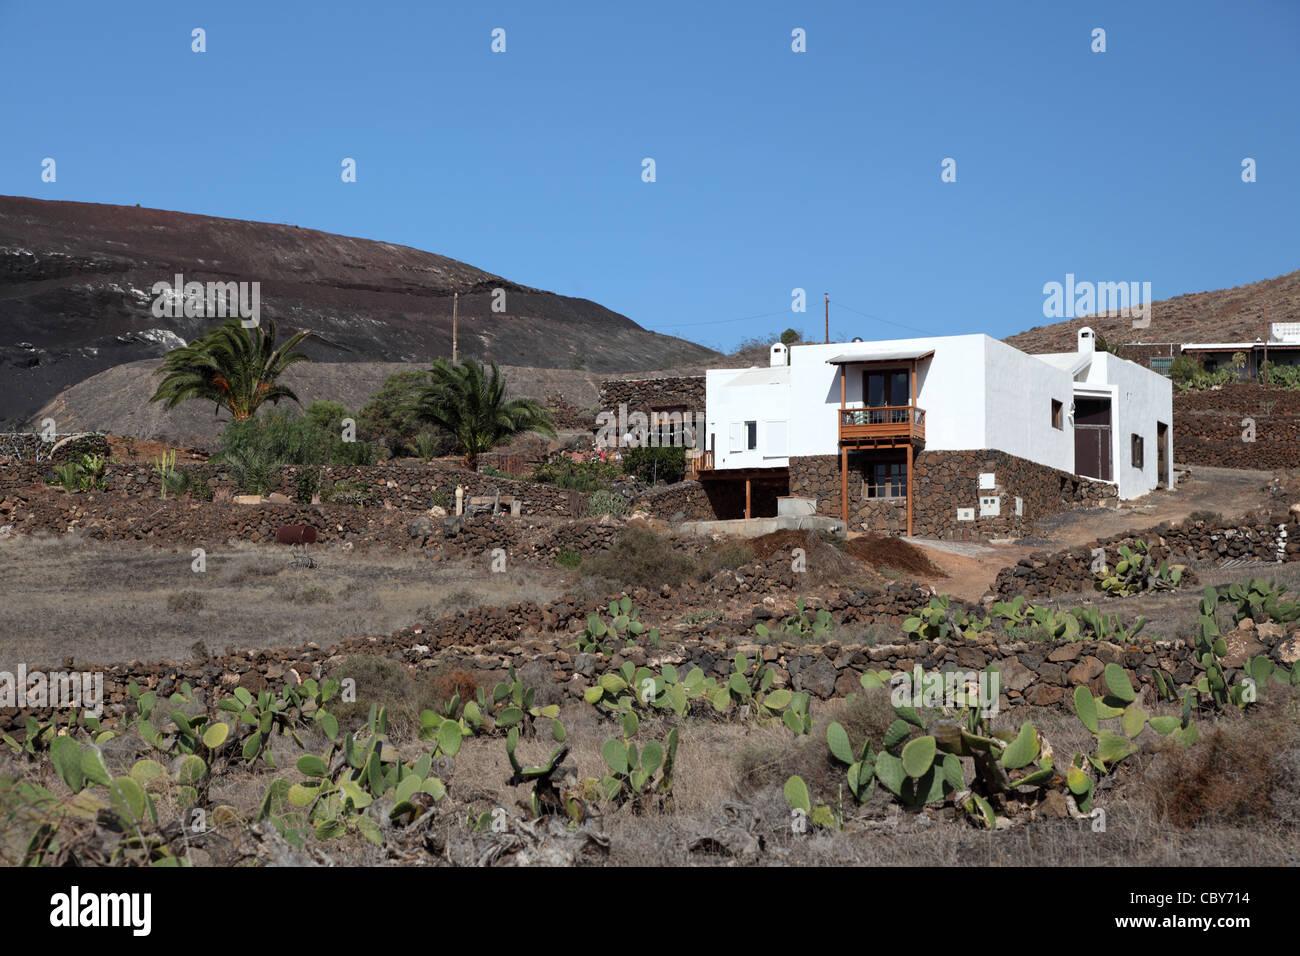 Landhaus auf der Kanarischen Insel Lanzarote, Spanien Stockbild